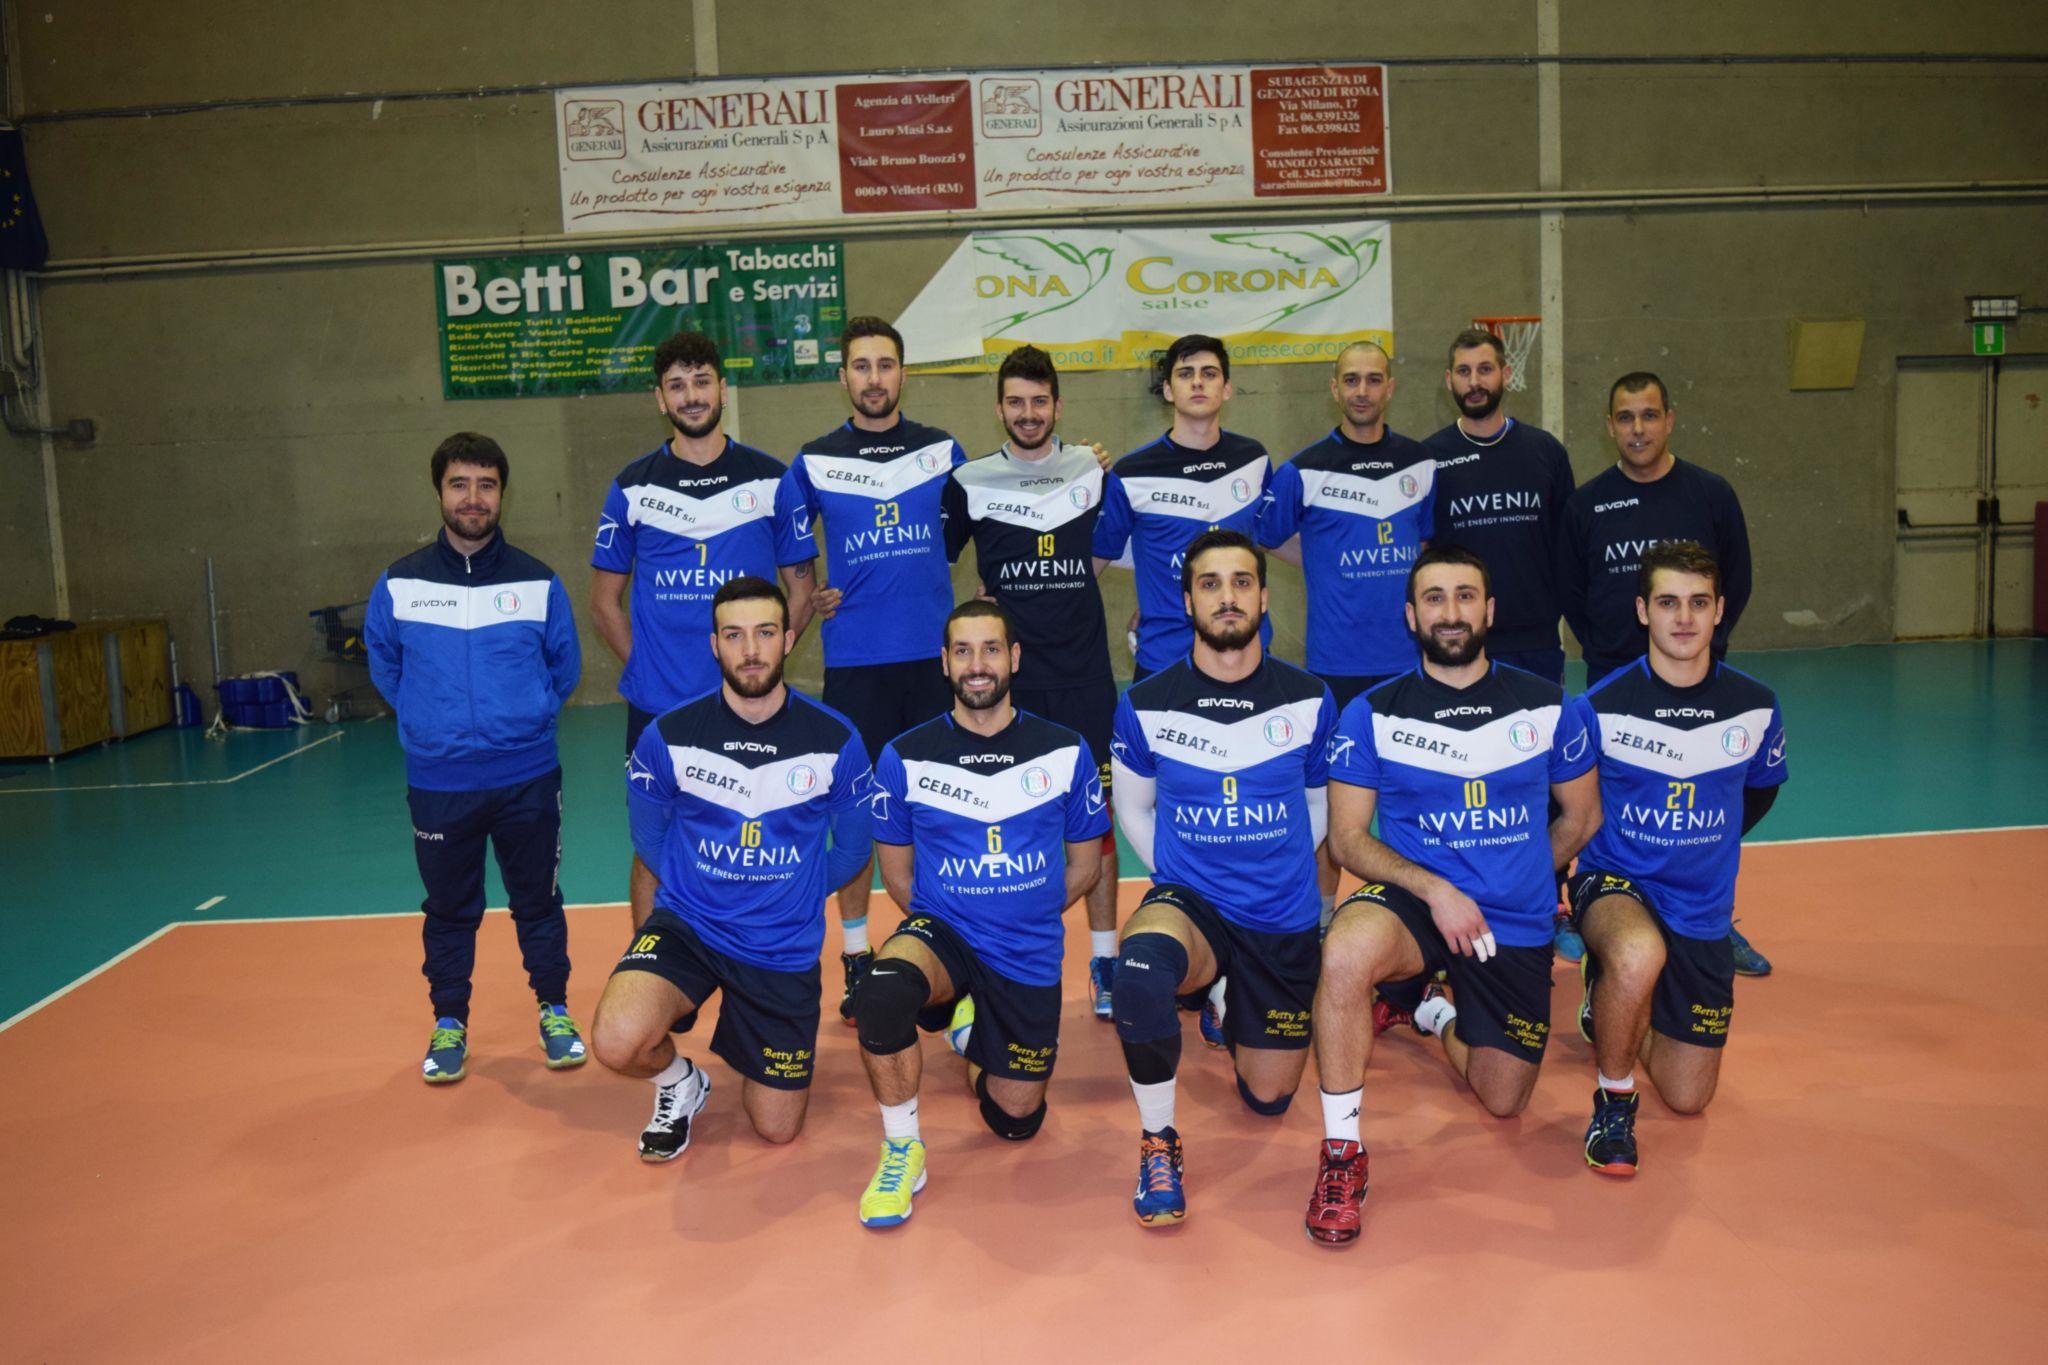 Pallavolo, Campionato regionale serie C maschile: vittoria in zona play off per la Puntovolley Libertas Genzano